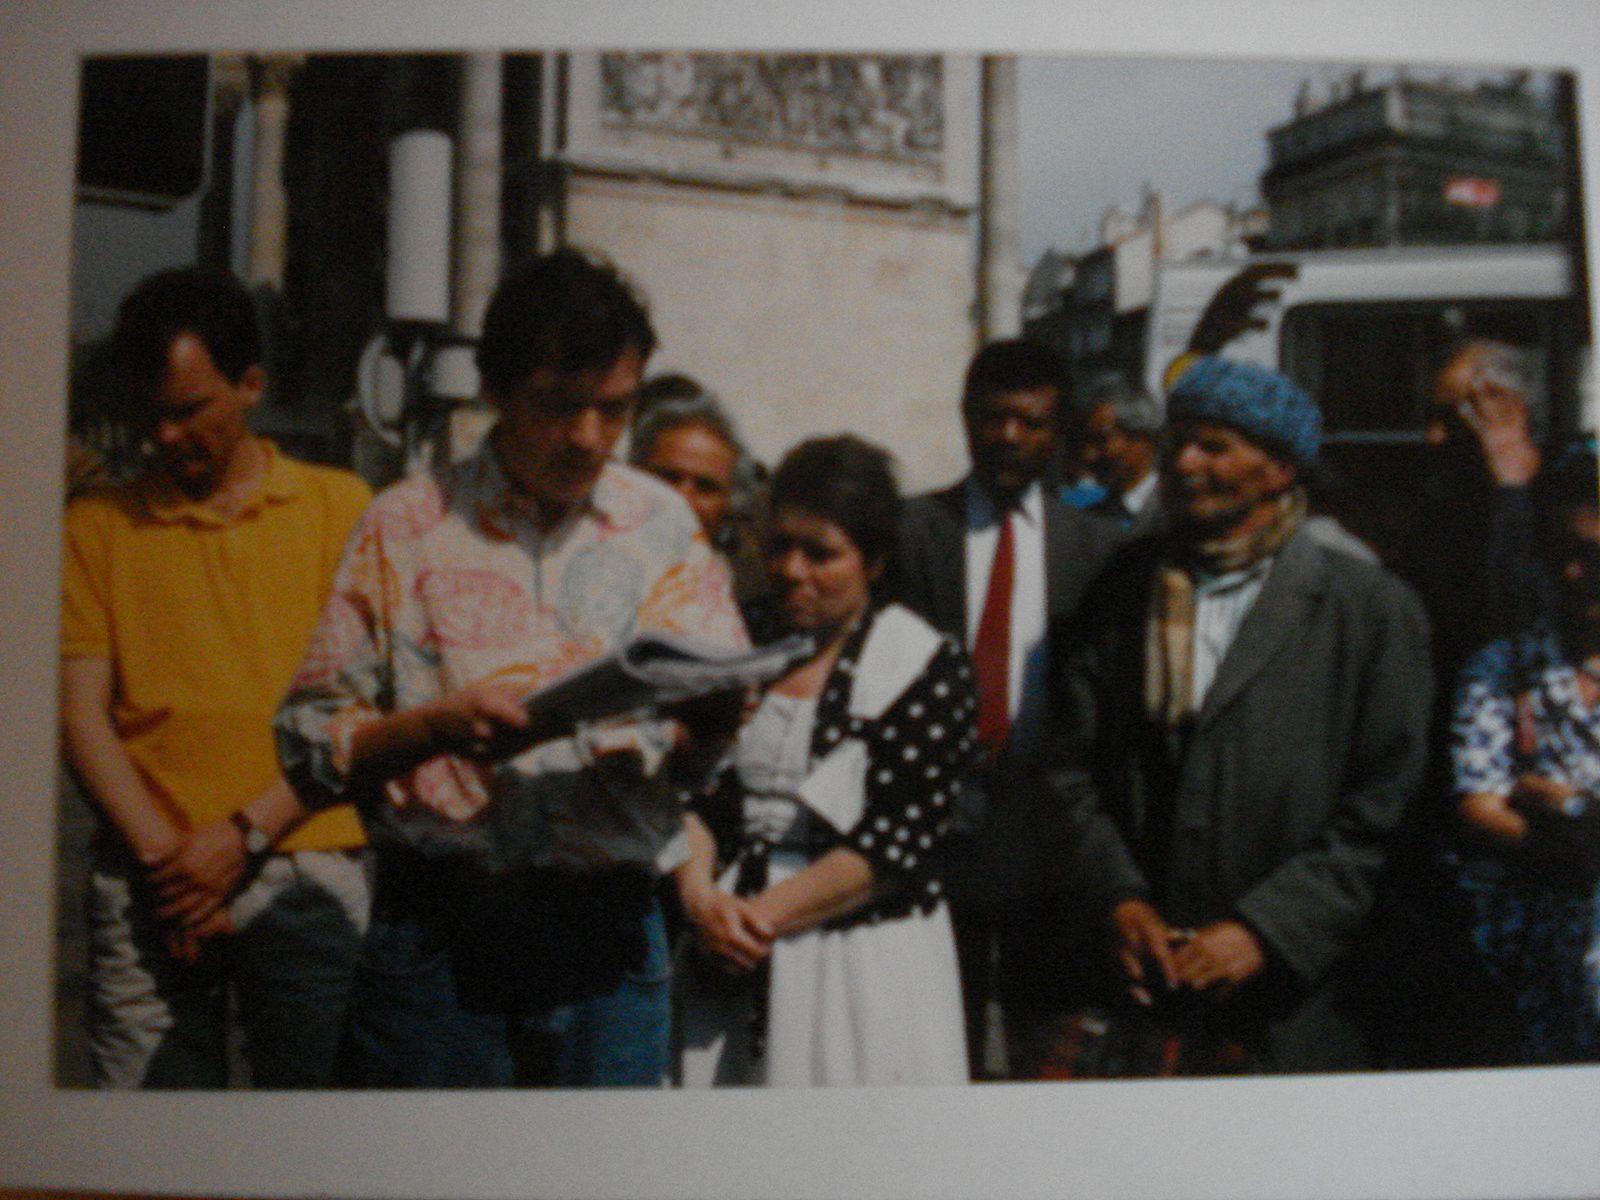 Différentes photos à Marseille surtout lors des Parolades (festival la mer parle) avec Gorelli, Benedetto, Pey, Lounès, Laabi, Ince, et les italiens Massimo Mori, Giancarlo Viviani, Titi Follieri, et les musiciens Boni, Tchamitchian, Jaume, Charmasson, Carlo Rizzo..